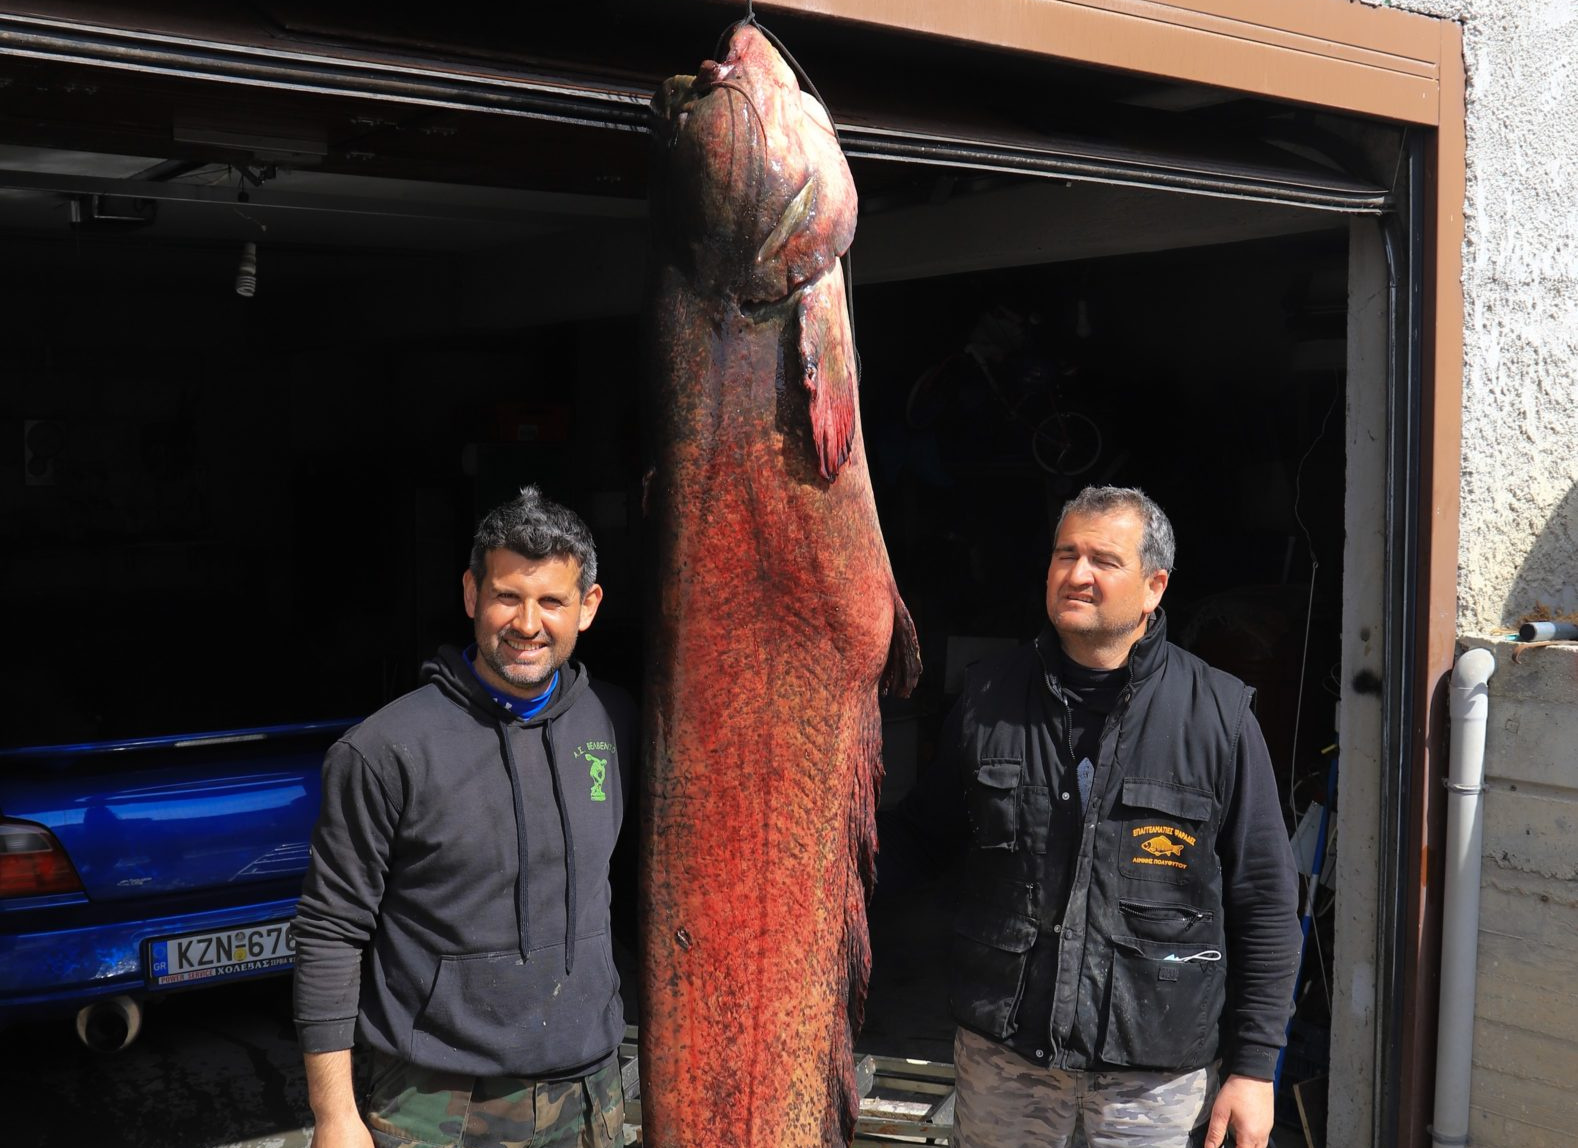 Κοζάνη: Απίστευτη ψαριά για δύο αδέρφια – Έπιασαν γουλιανό γίγα 2,77 μέτρων